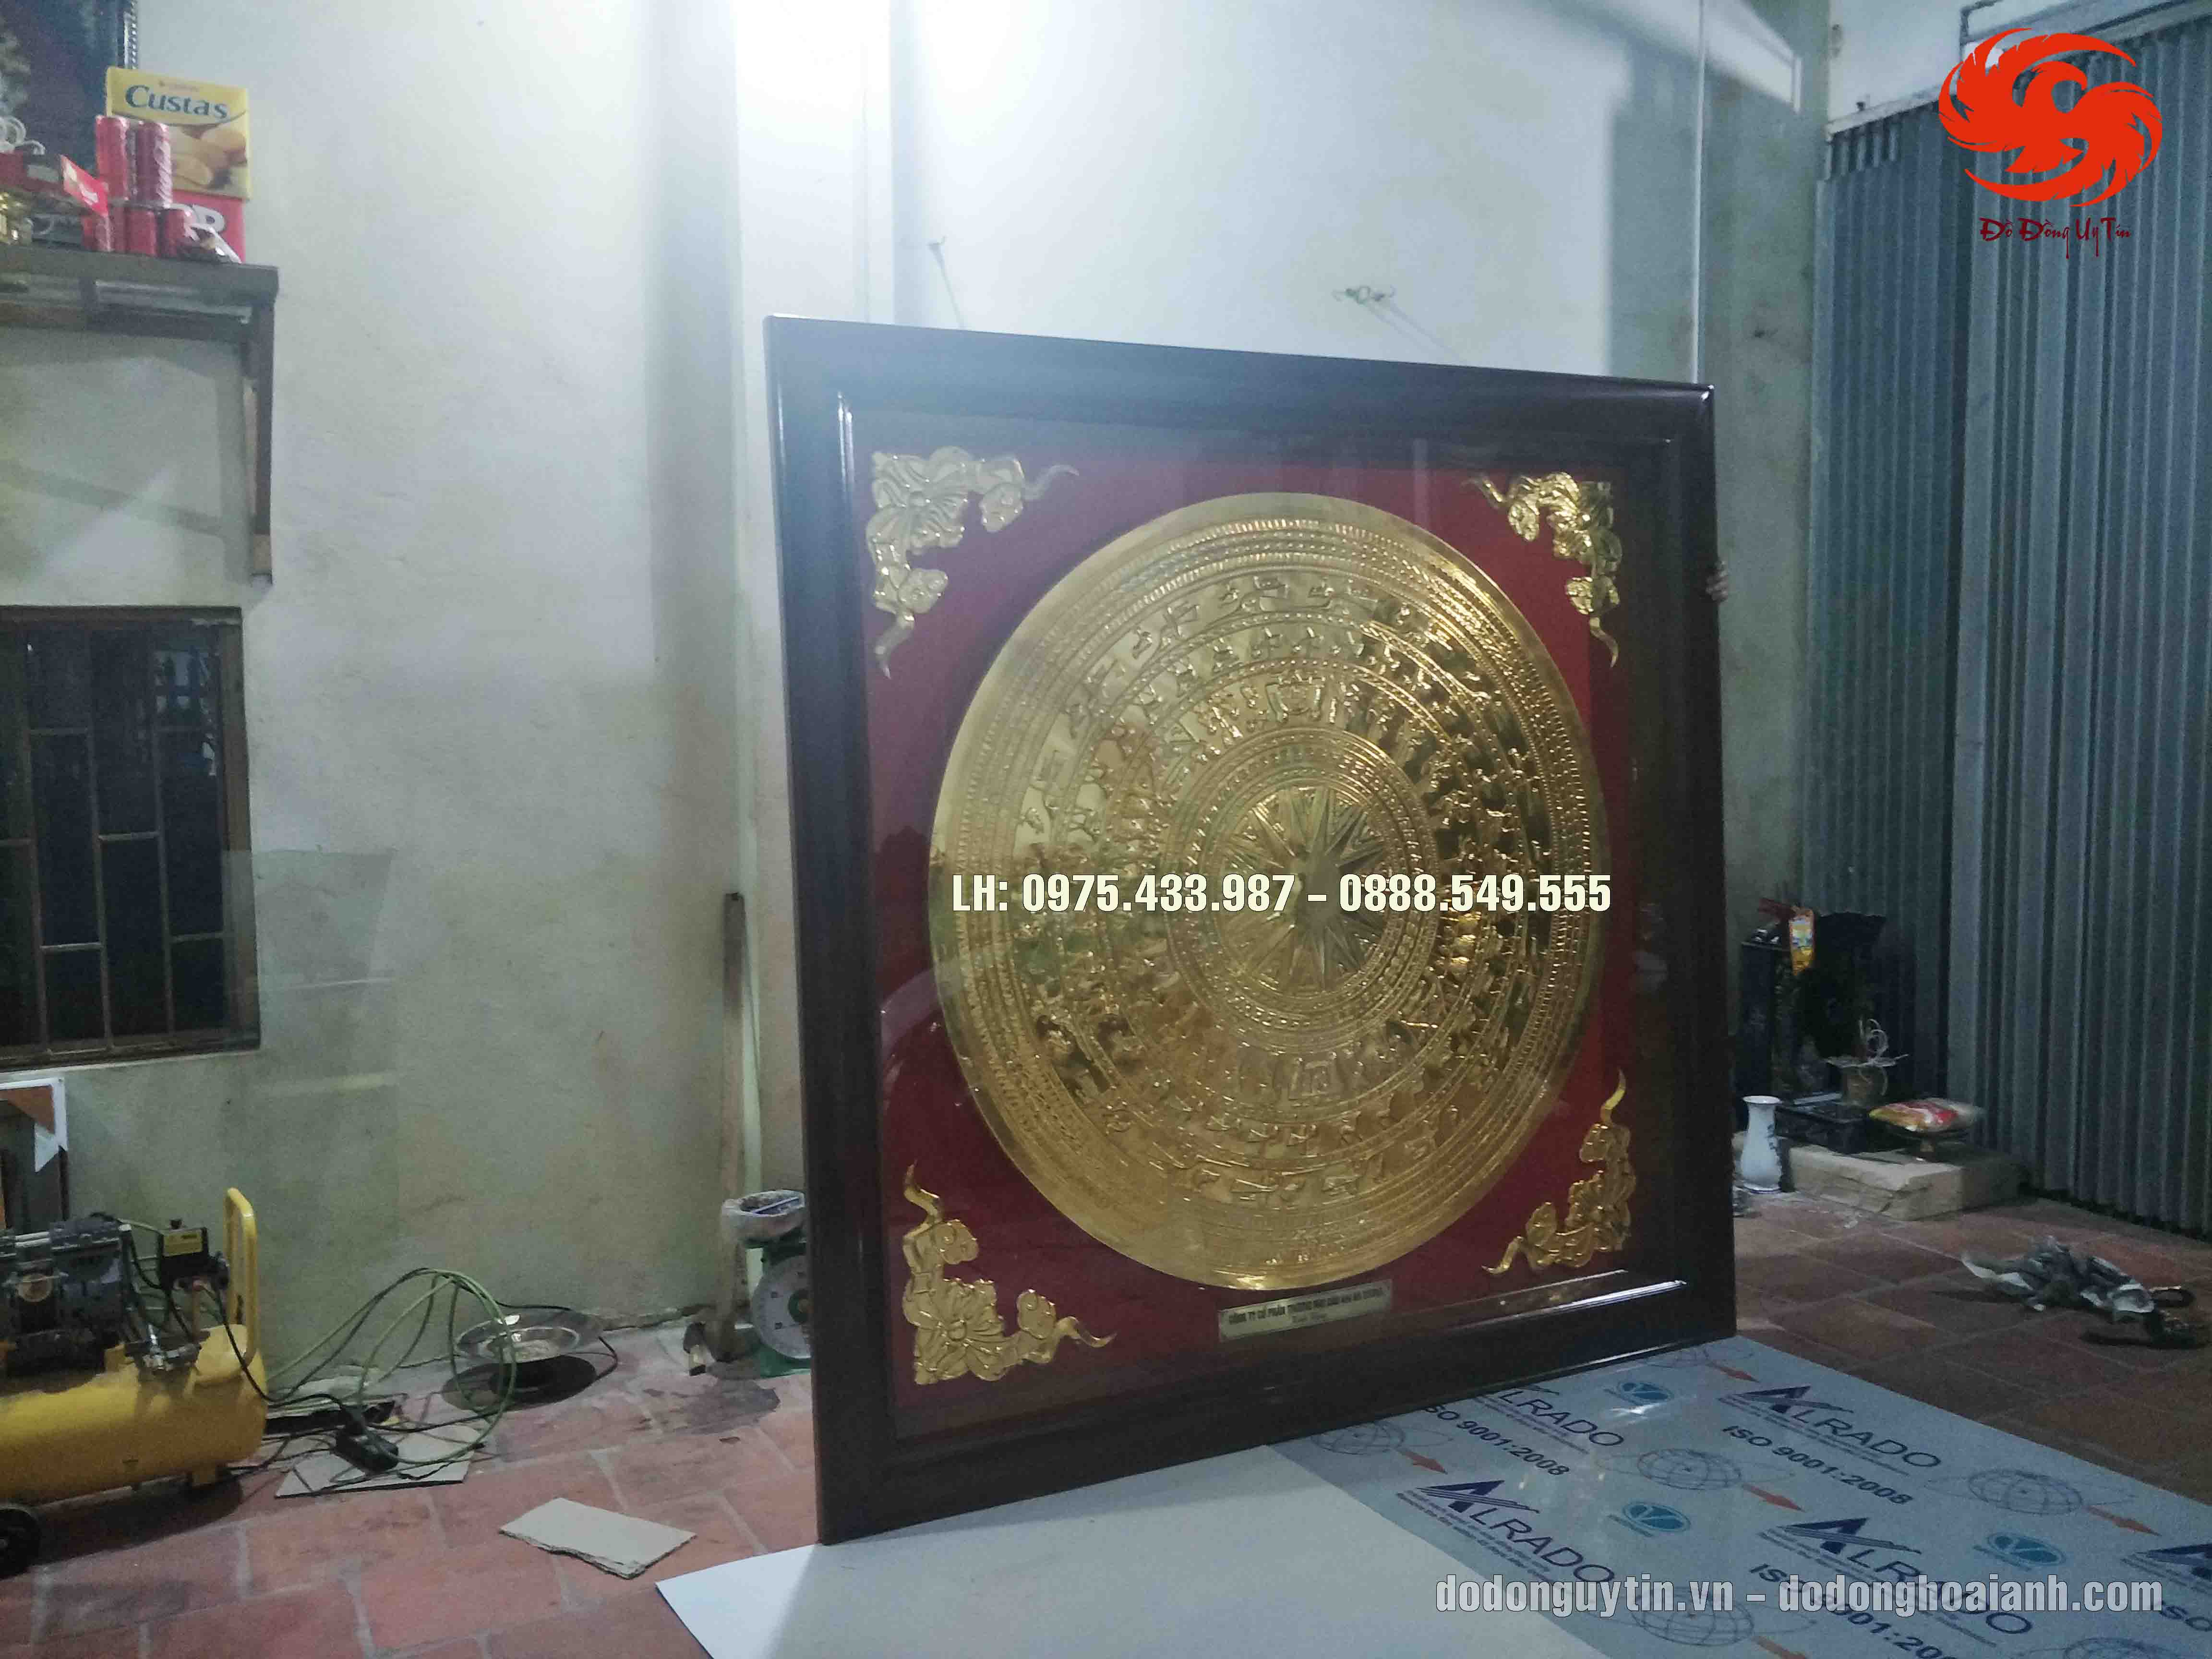 tranh trống đồng mạ vàng tinh xảo - Đồ đồng Uy tín